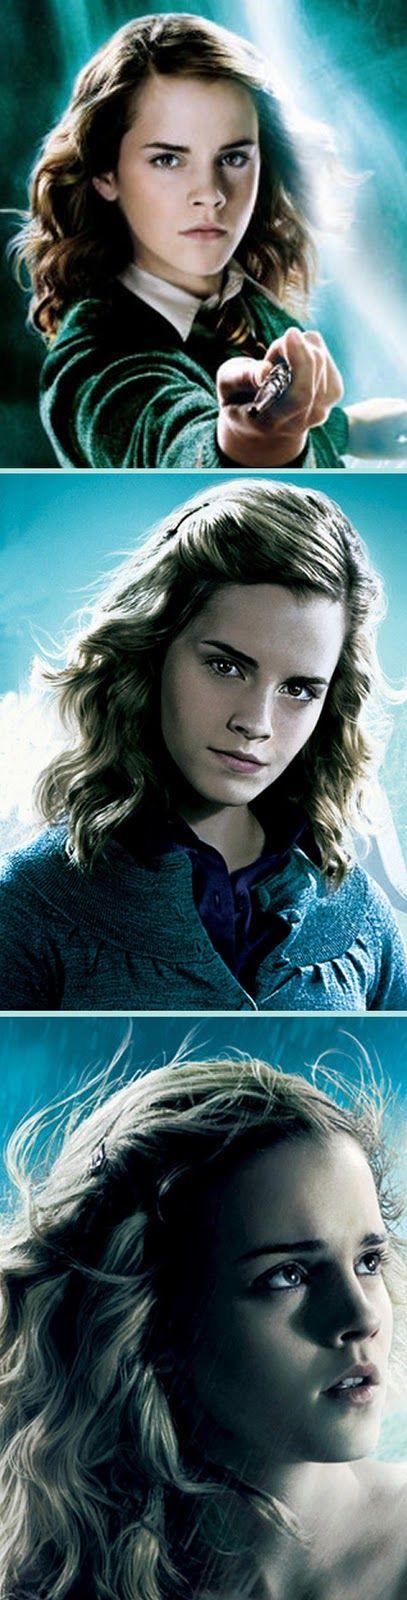 Le marque-page de Harry potter ( Hermione Granger )